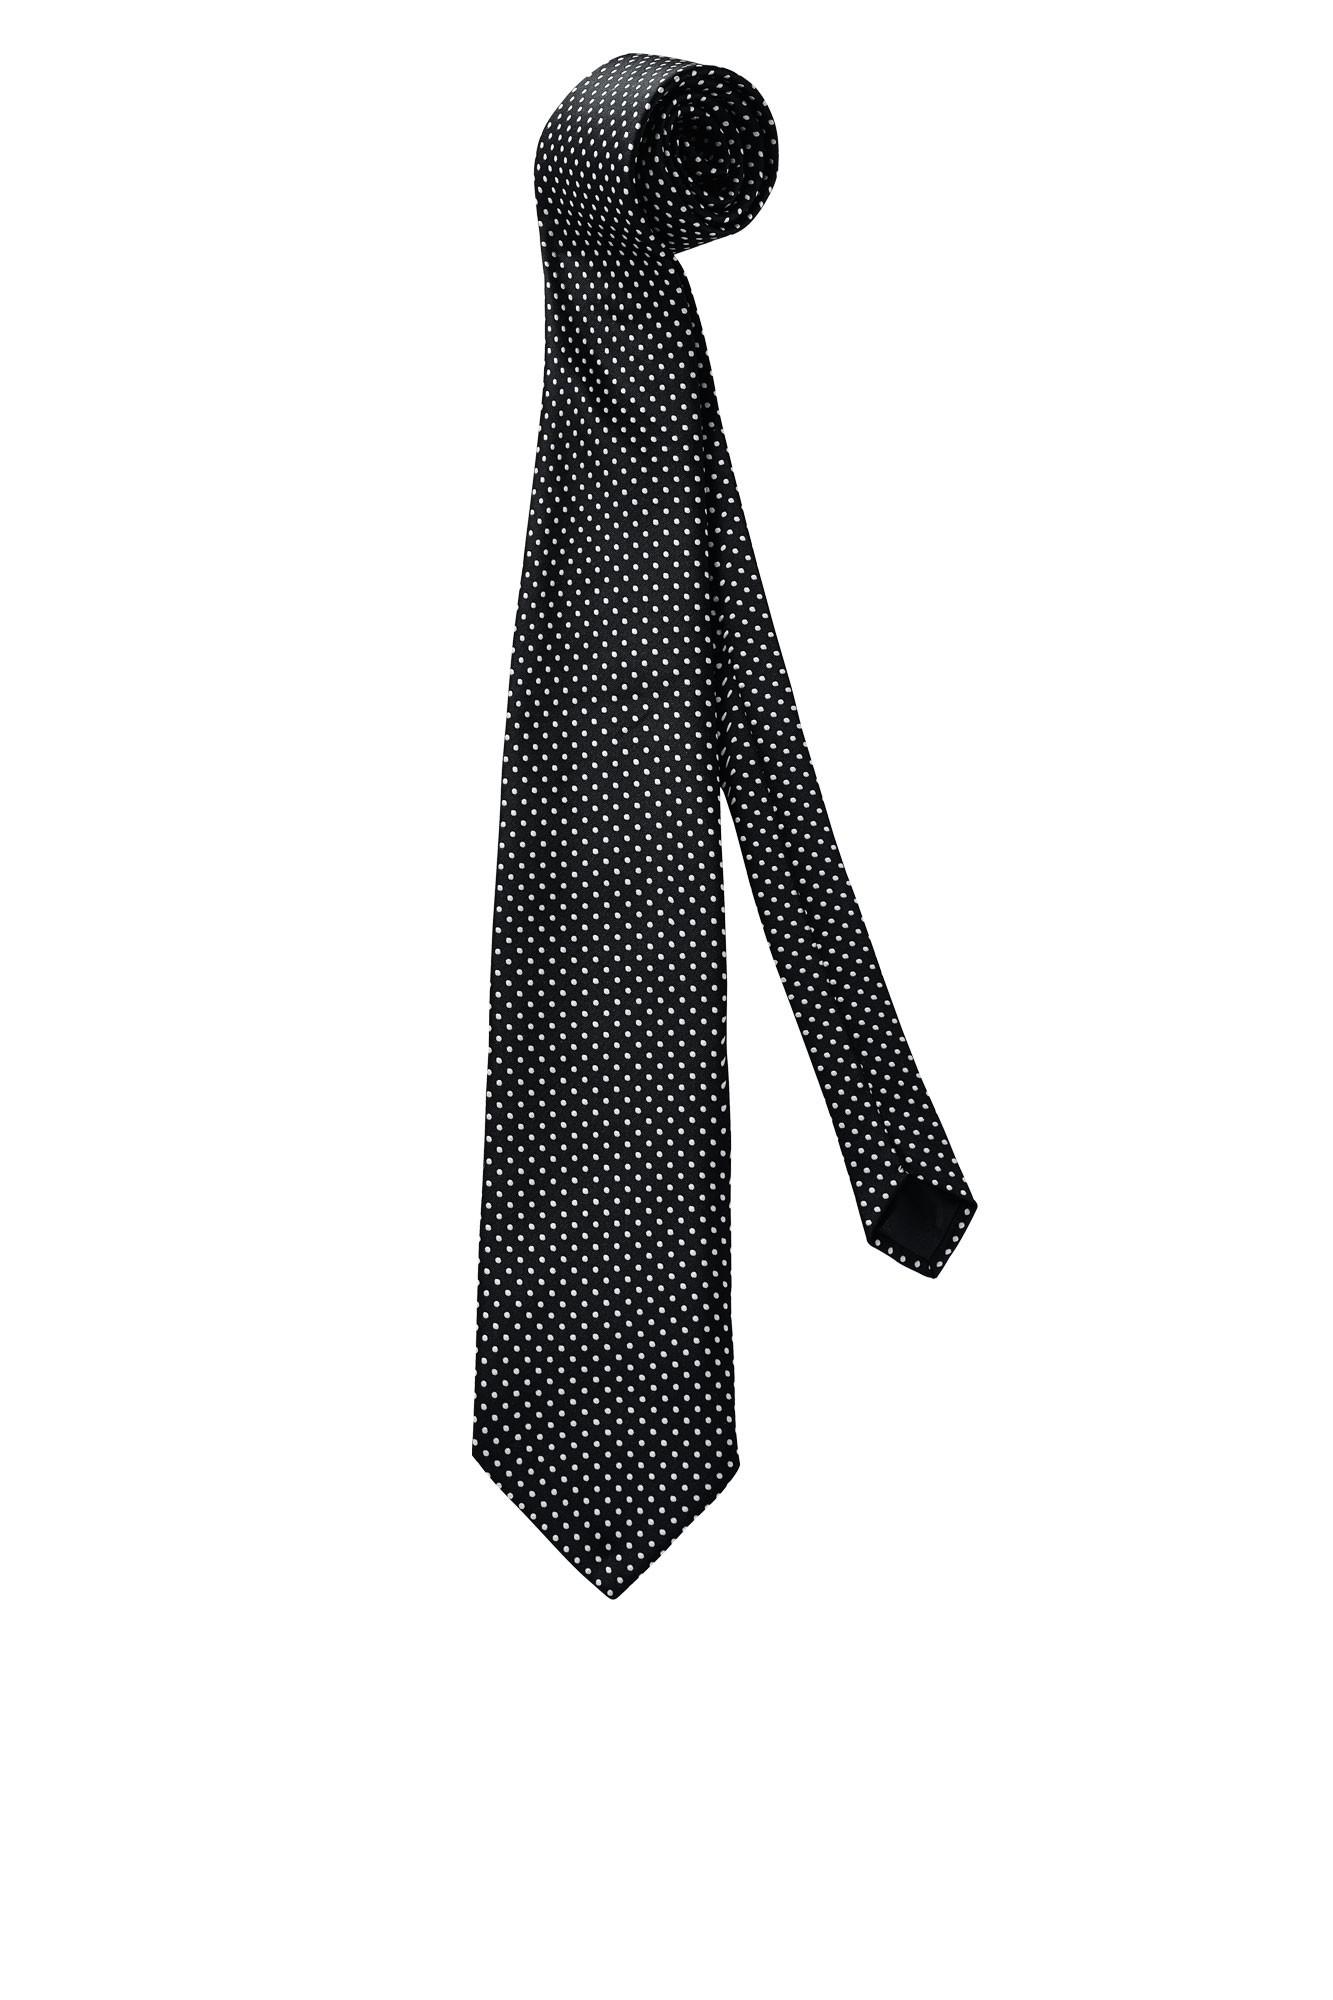 Kravata Punkte - černá/bílá